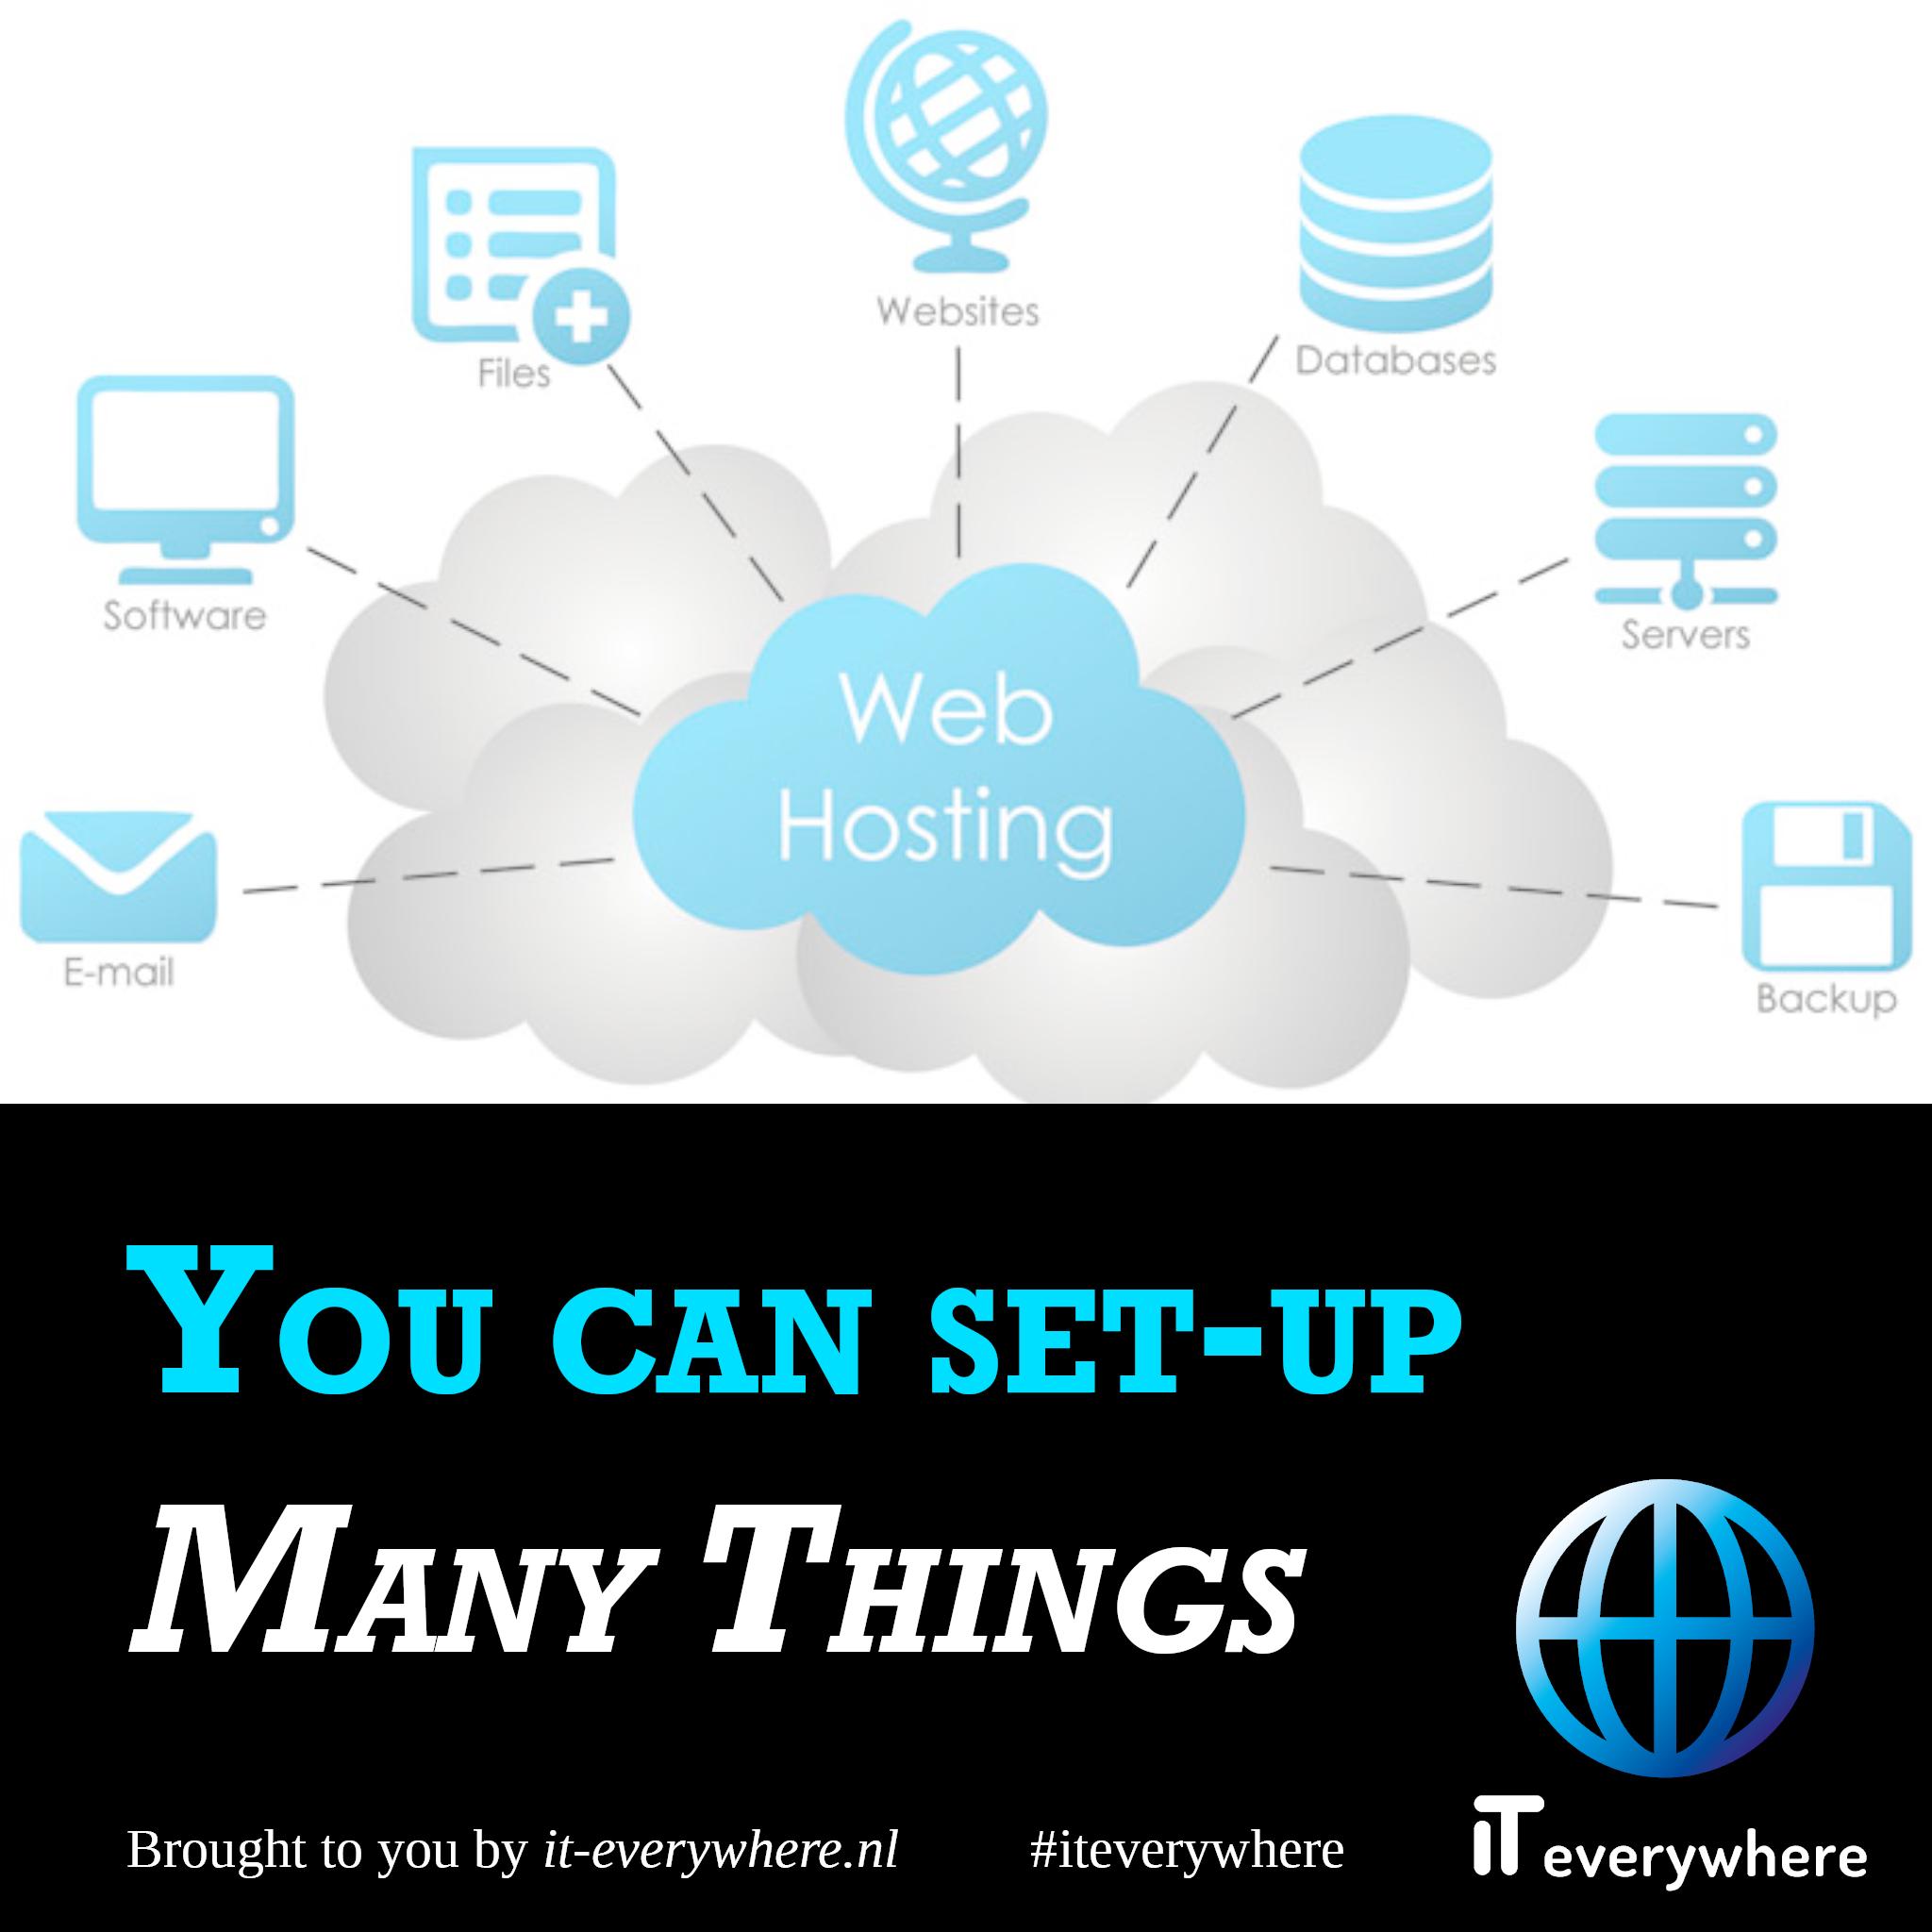 Je kan veel dingen opzetten op een VPS zoals databases, servers, websites, software en meer